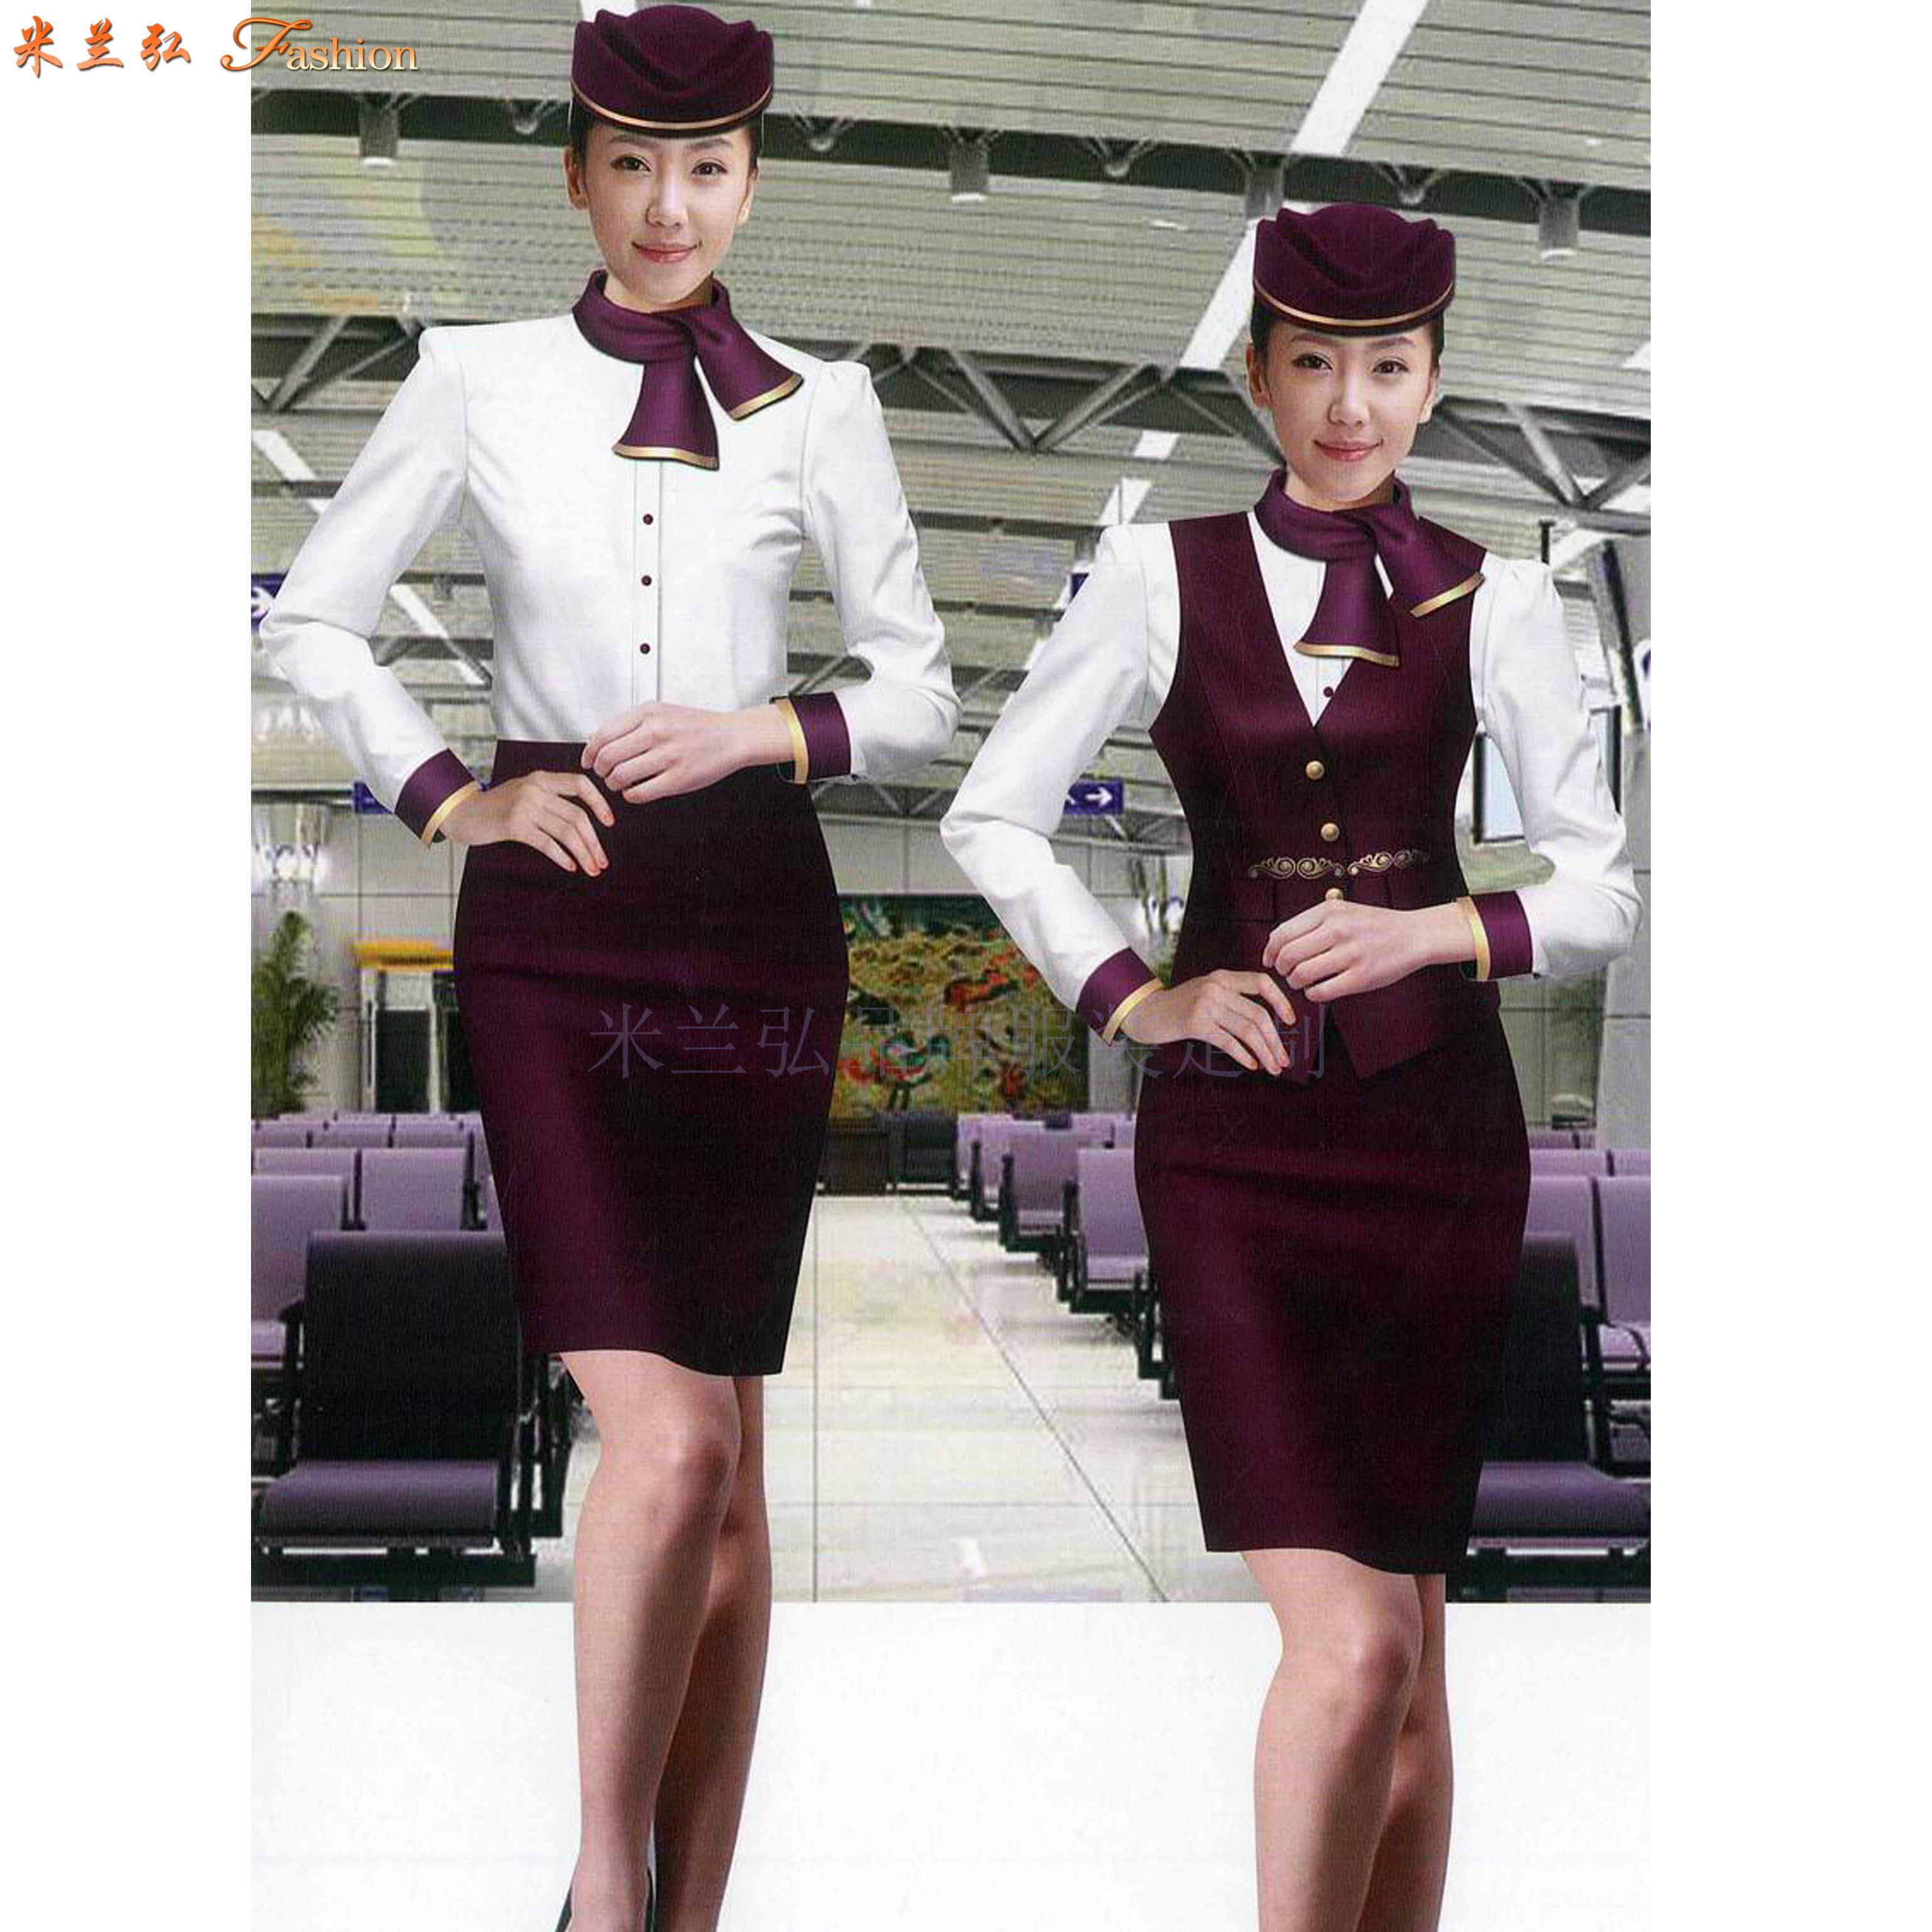 京津冀高鐵動車乘務制服定做-選擇款式時髦的服裝品牌-米蘭弘-5